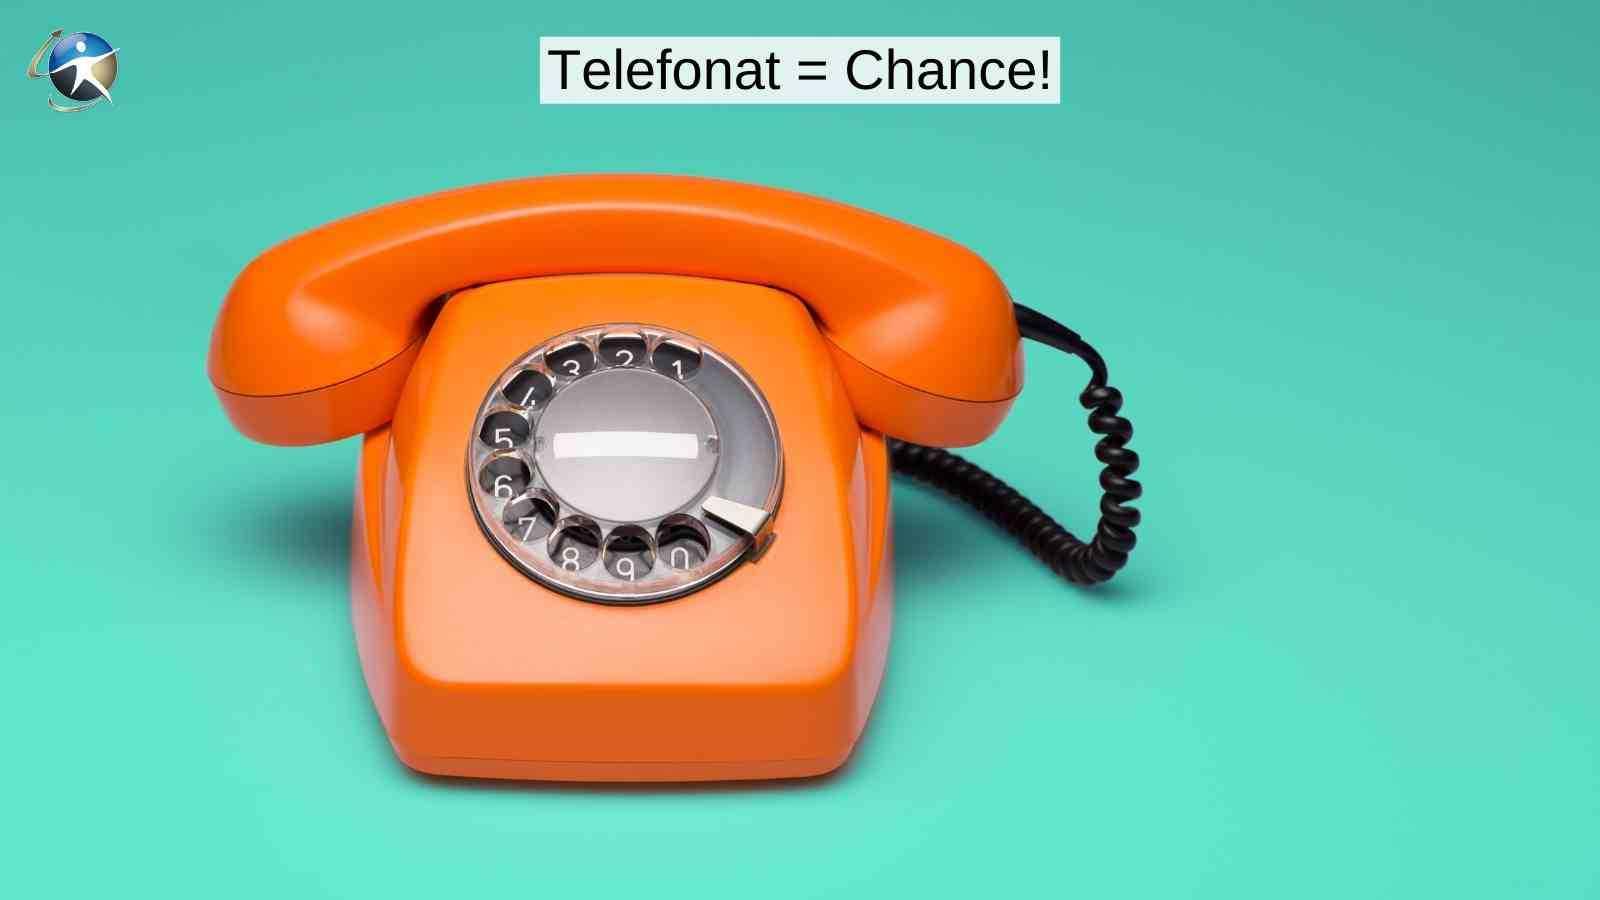 Jedes Telefonat in der Online-Beratung bietet die Chance auf einen Neuvertrag